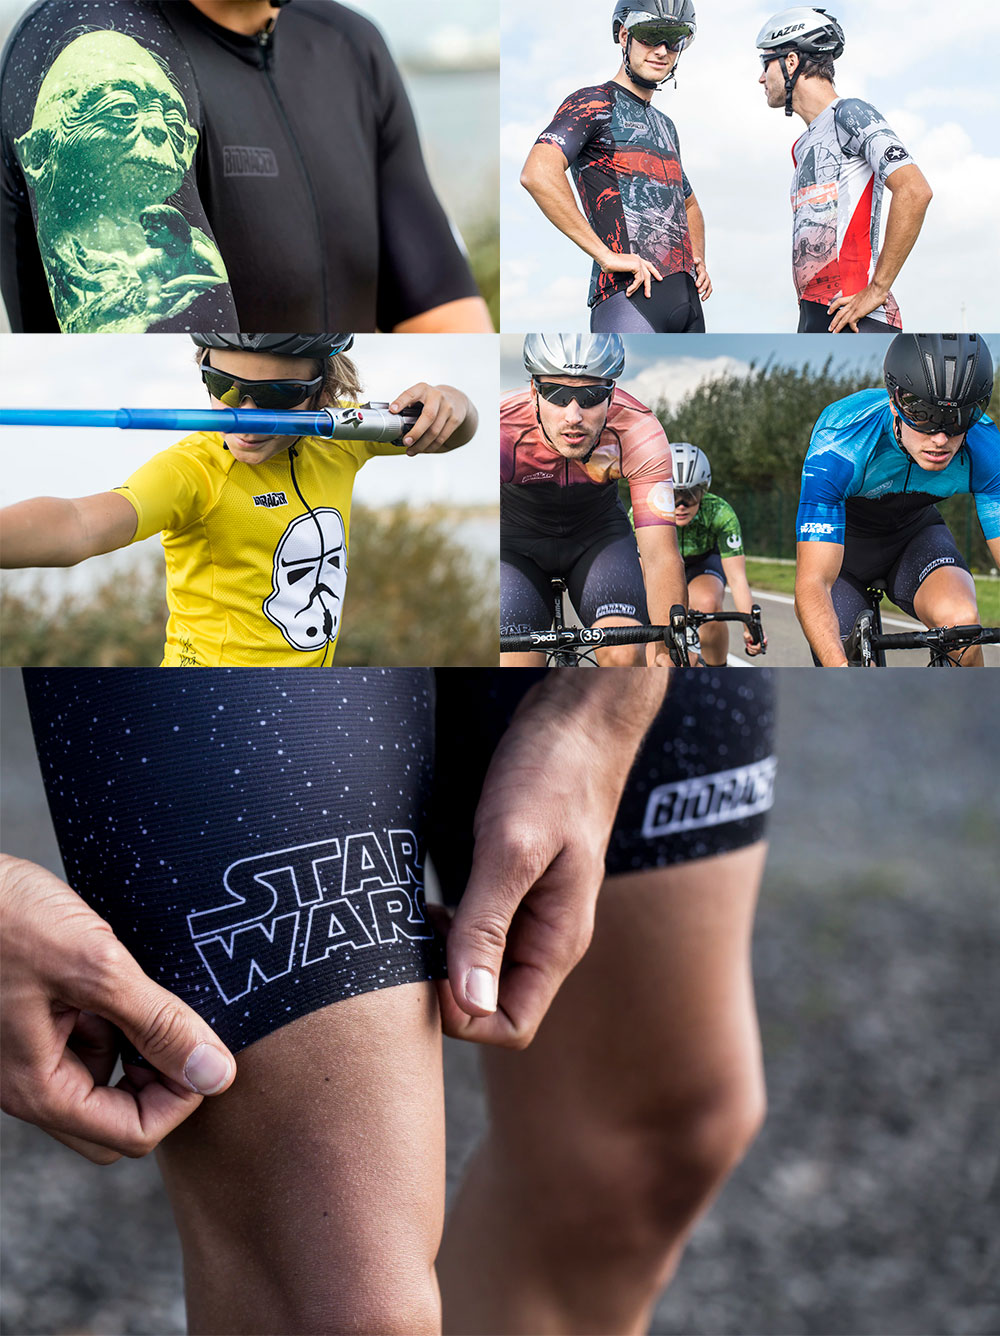 En TodoMountainBike: Bioracer y Disney lanzan una completa colección de ropa ciclista inspirada en Star Wars